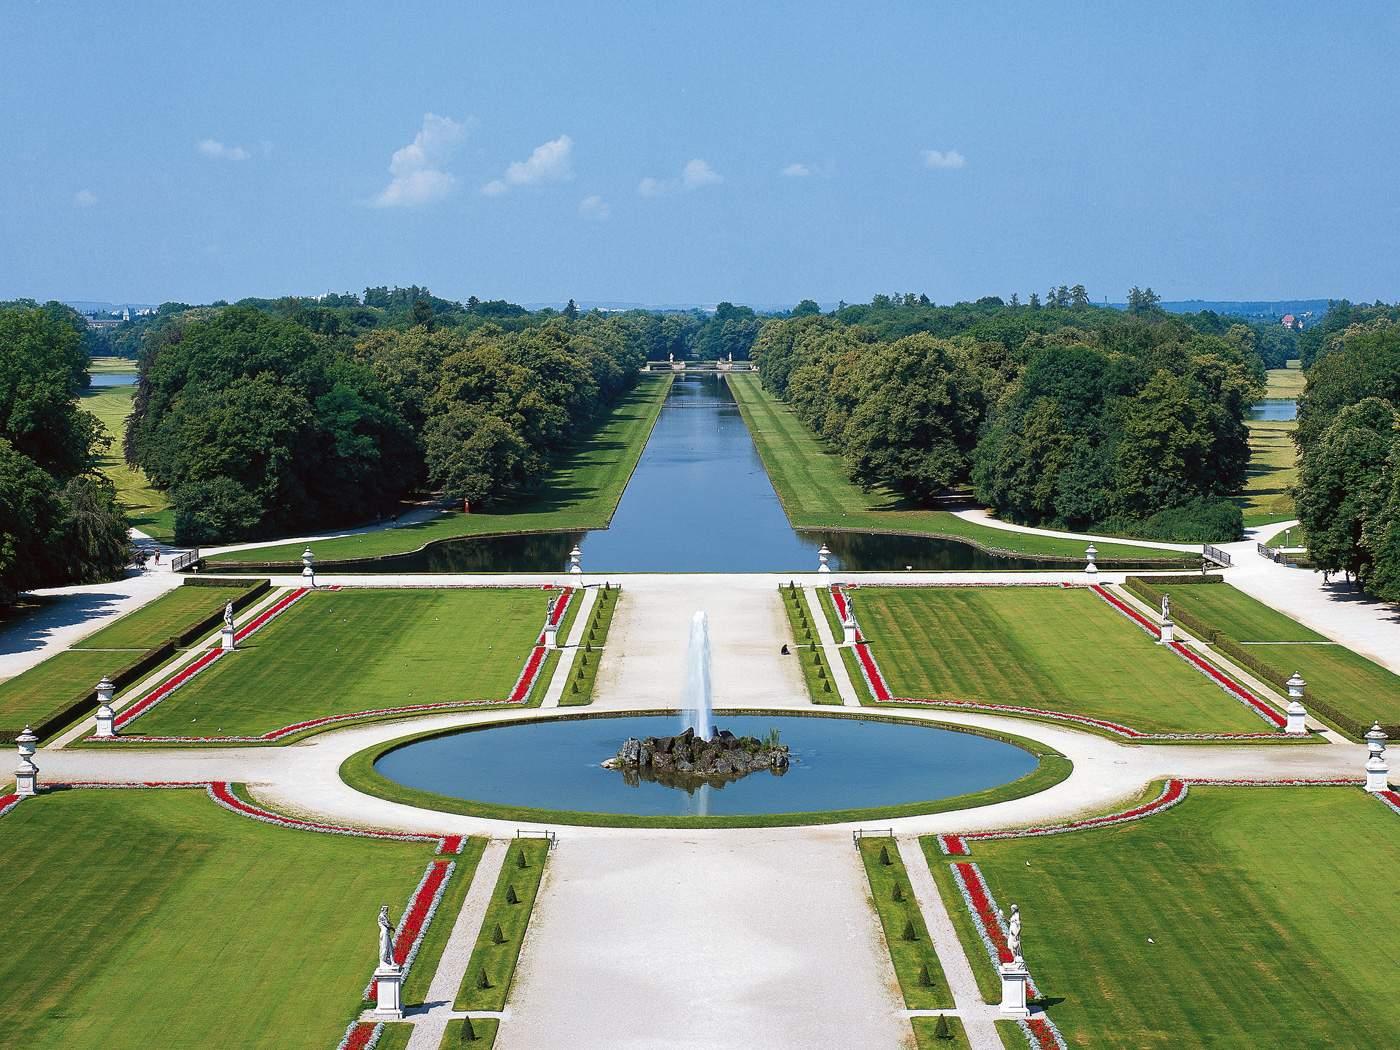 englischer garten munchen parken elegant bayerische schlosserverwaltung of englischer garten munchen parken